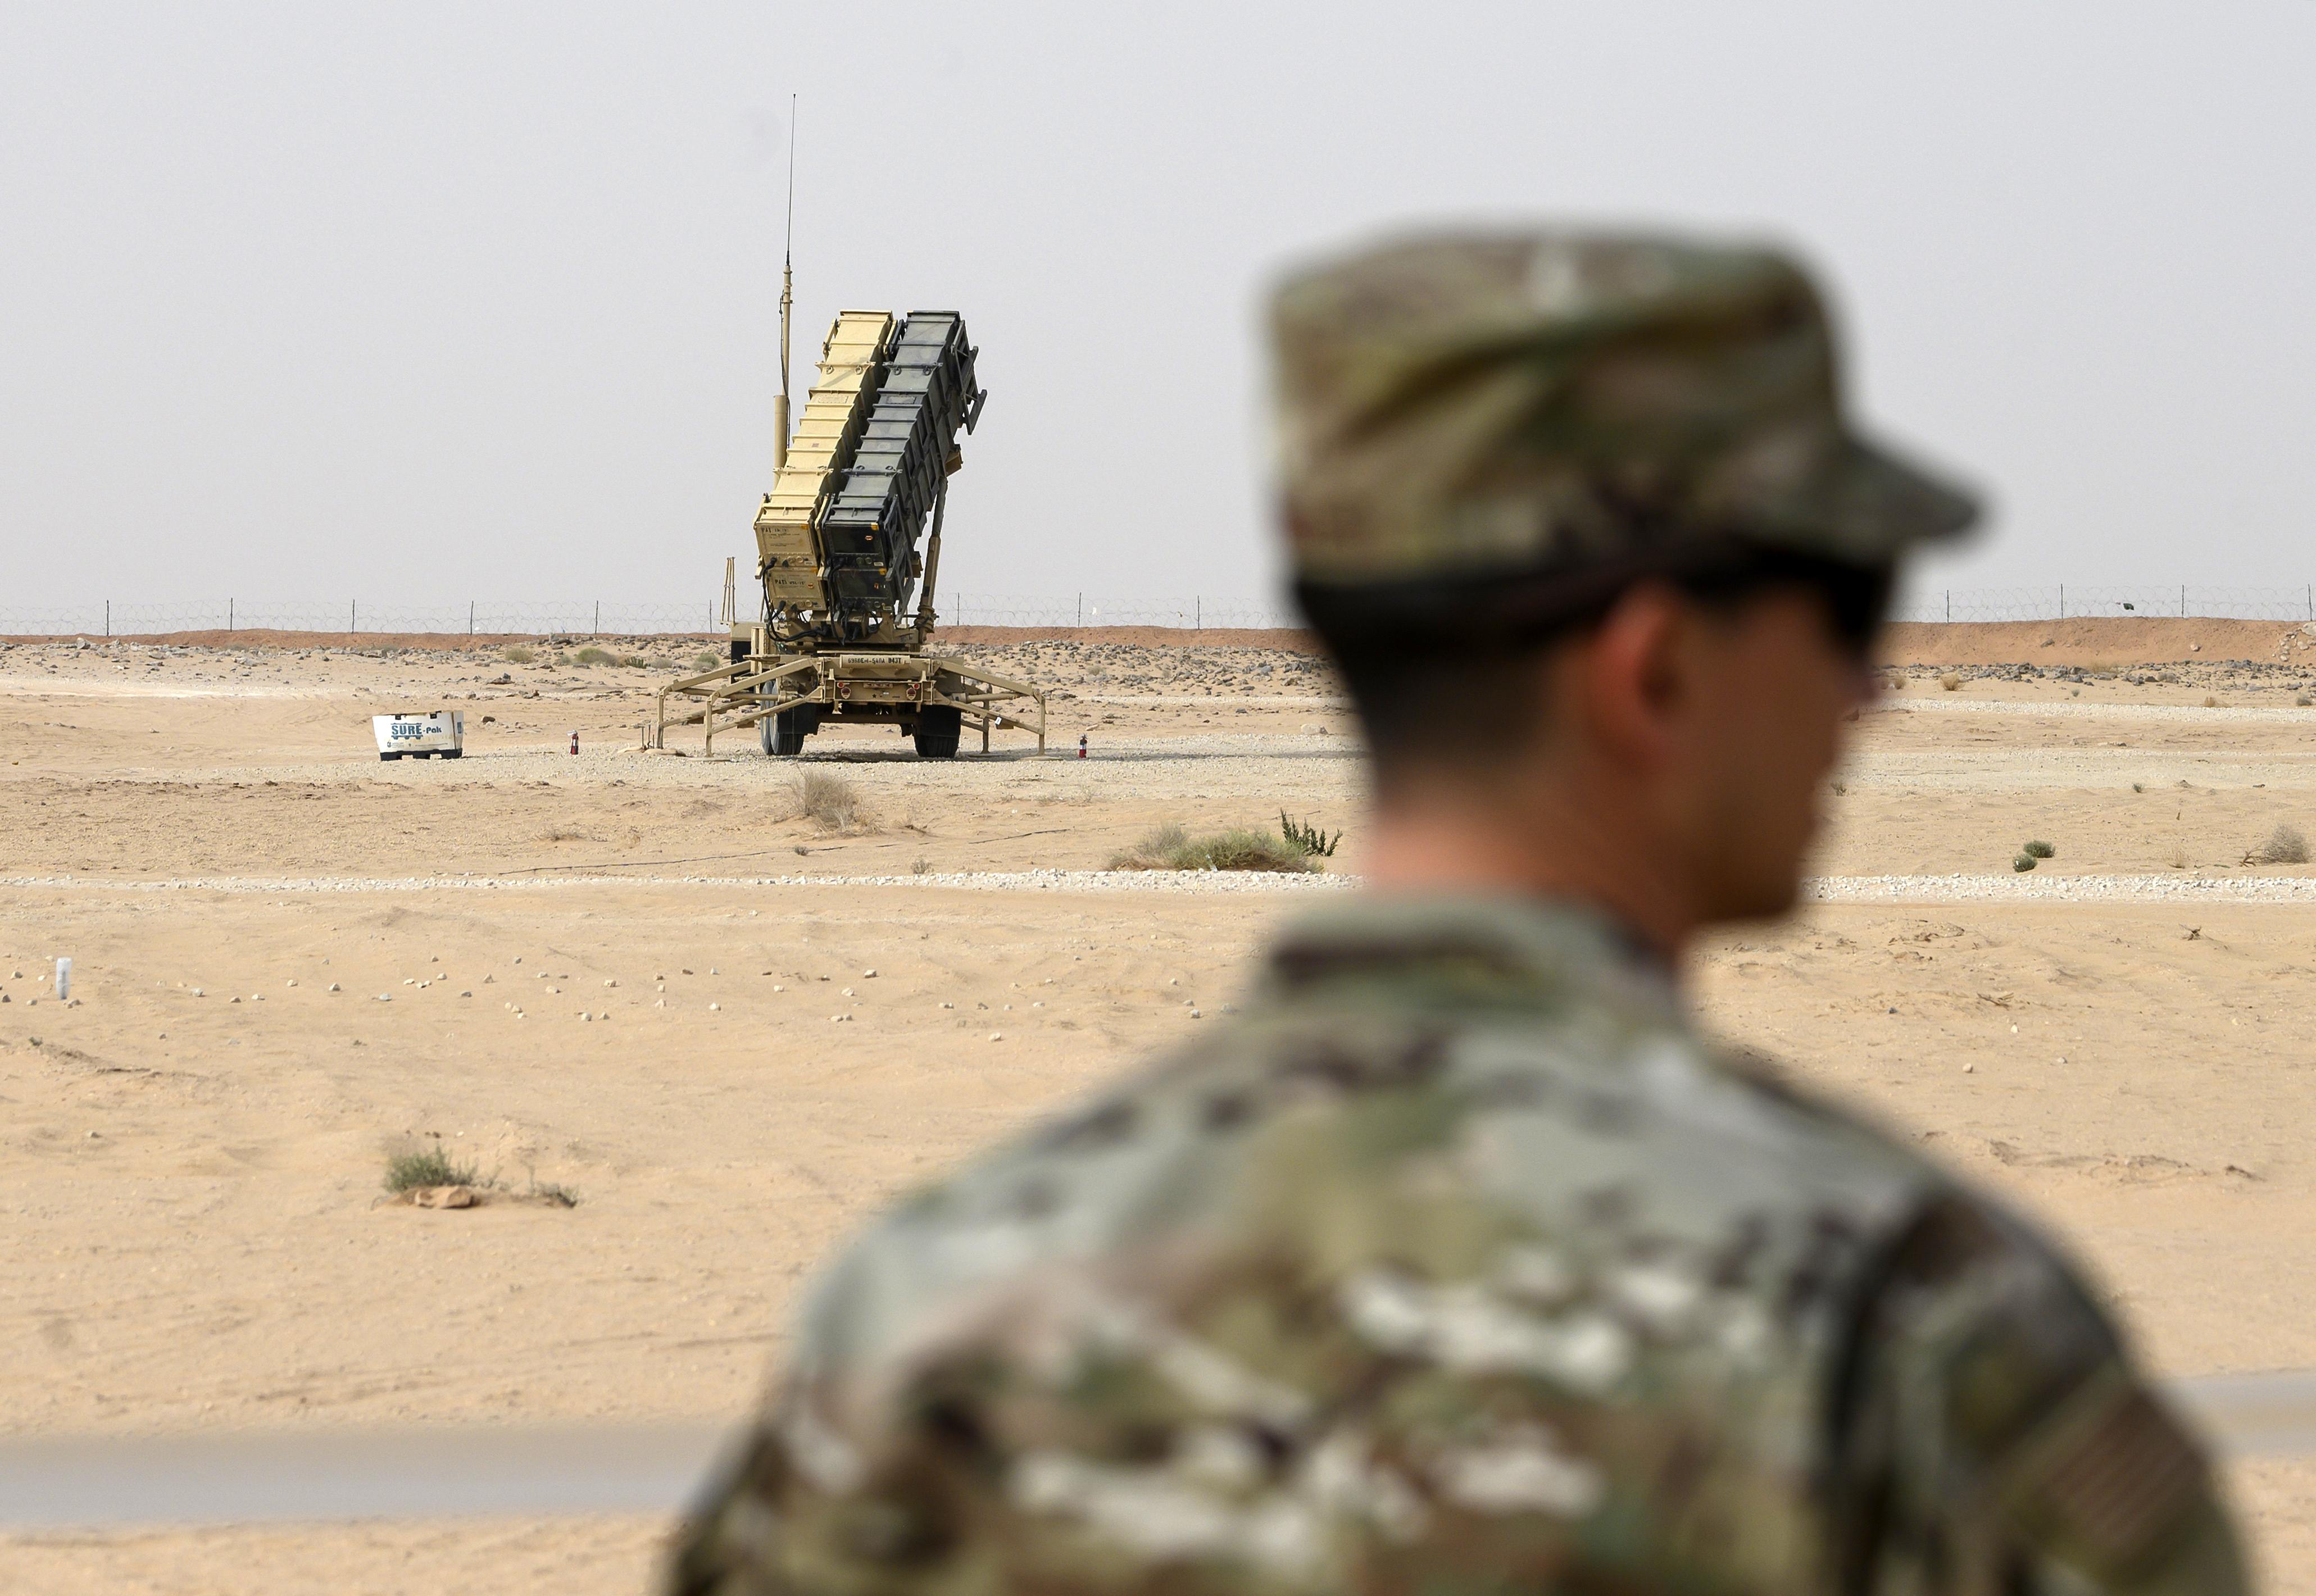 Um membro do exército dos EUA está perto de uma bateria de mísseis Patriot na base aérea Prince Sultan em al-Kharj, região central da Arábia Saudita [File: AP Photo]